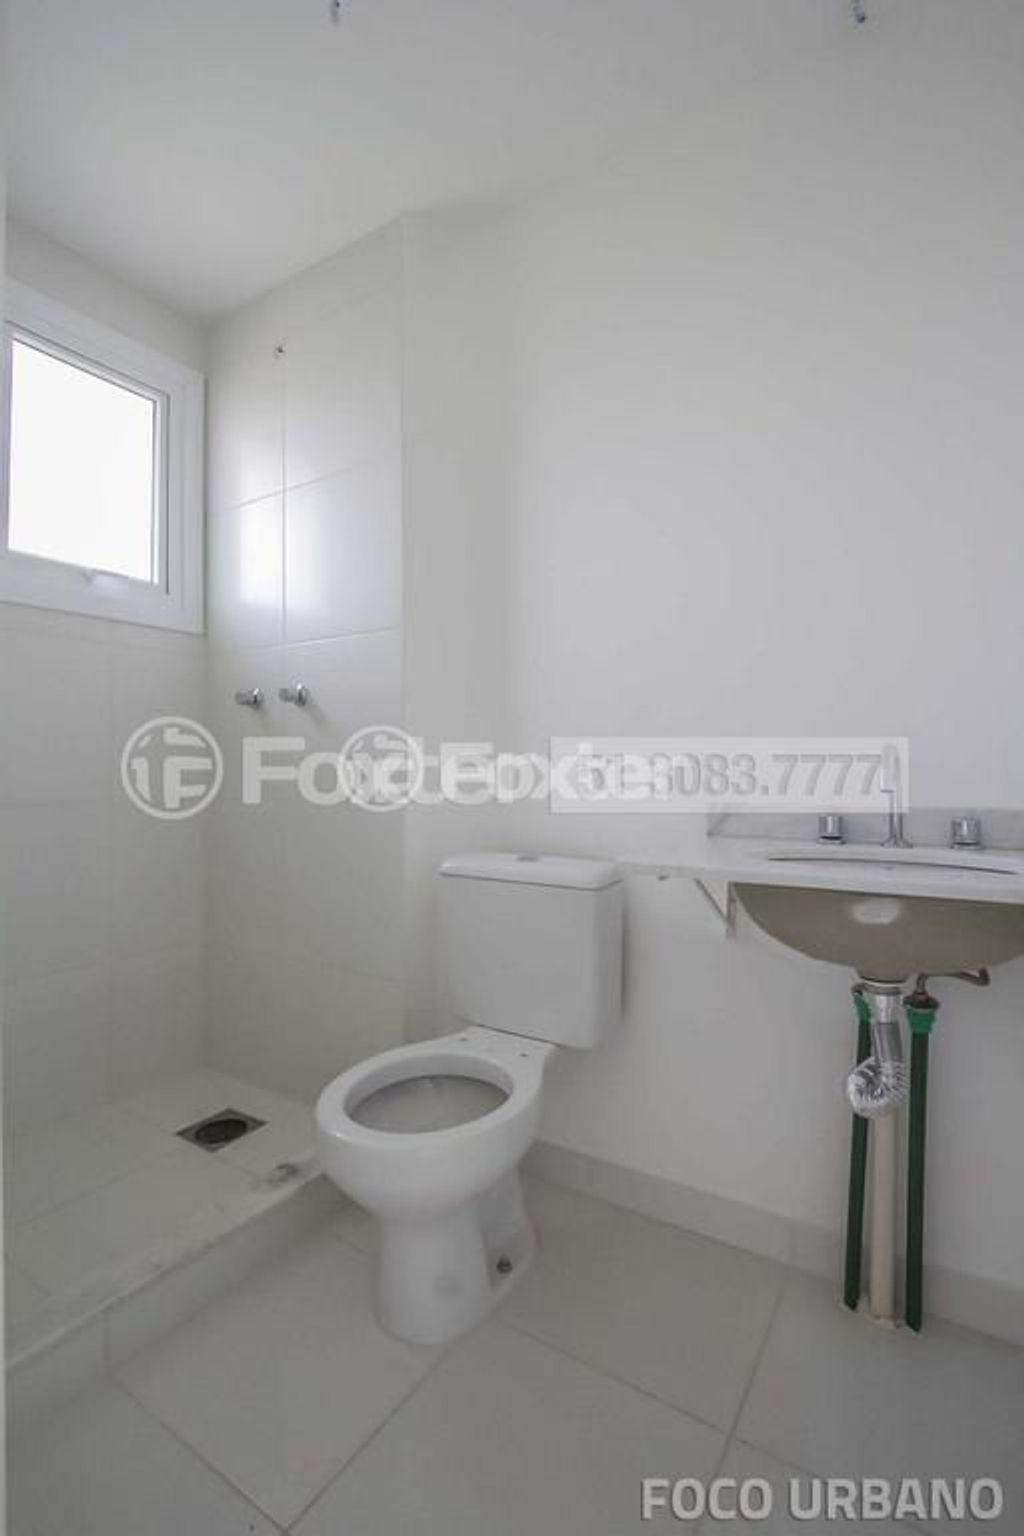 Casa 2 Dorm, Harmonia, Canoas (125670) - Foto 16